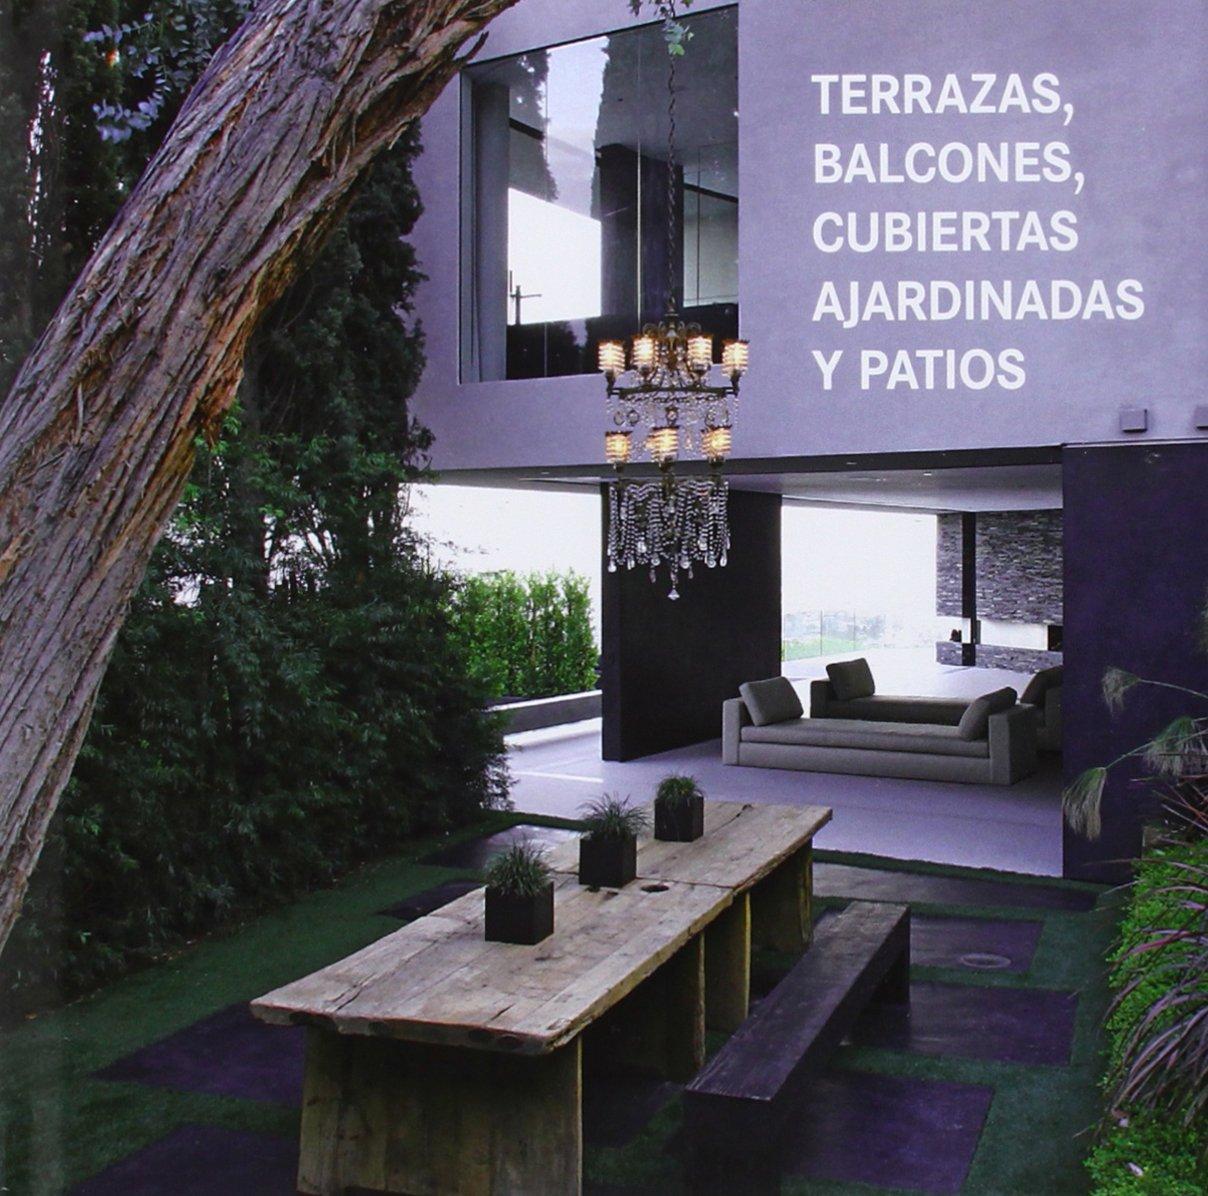 Terrazas Balcones Cubiertas Ajardinadas Y Patiosterraces Balconies - Cubiertas-de-terrazas